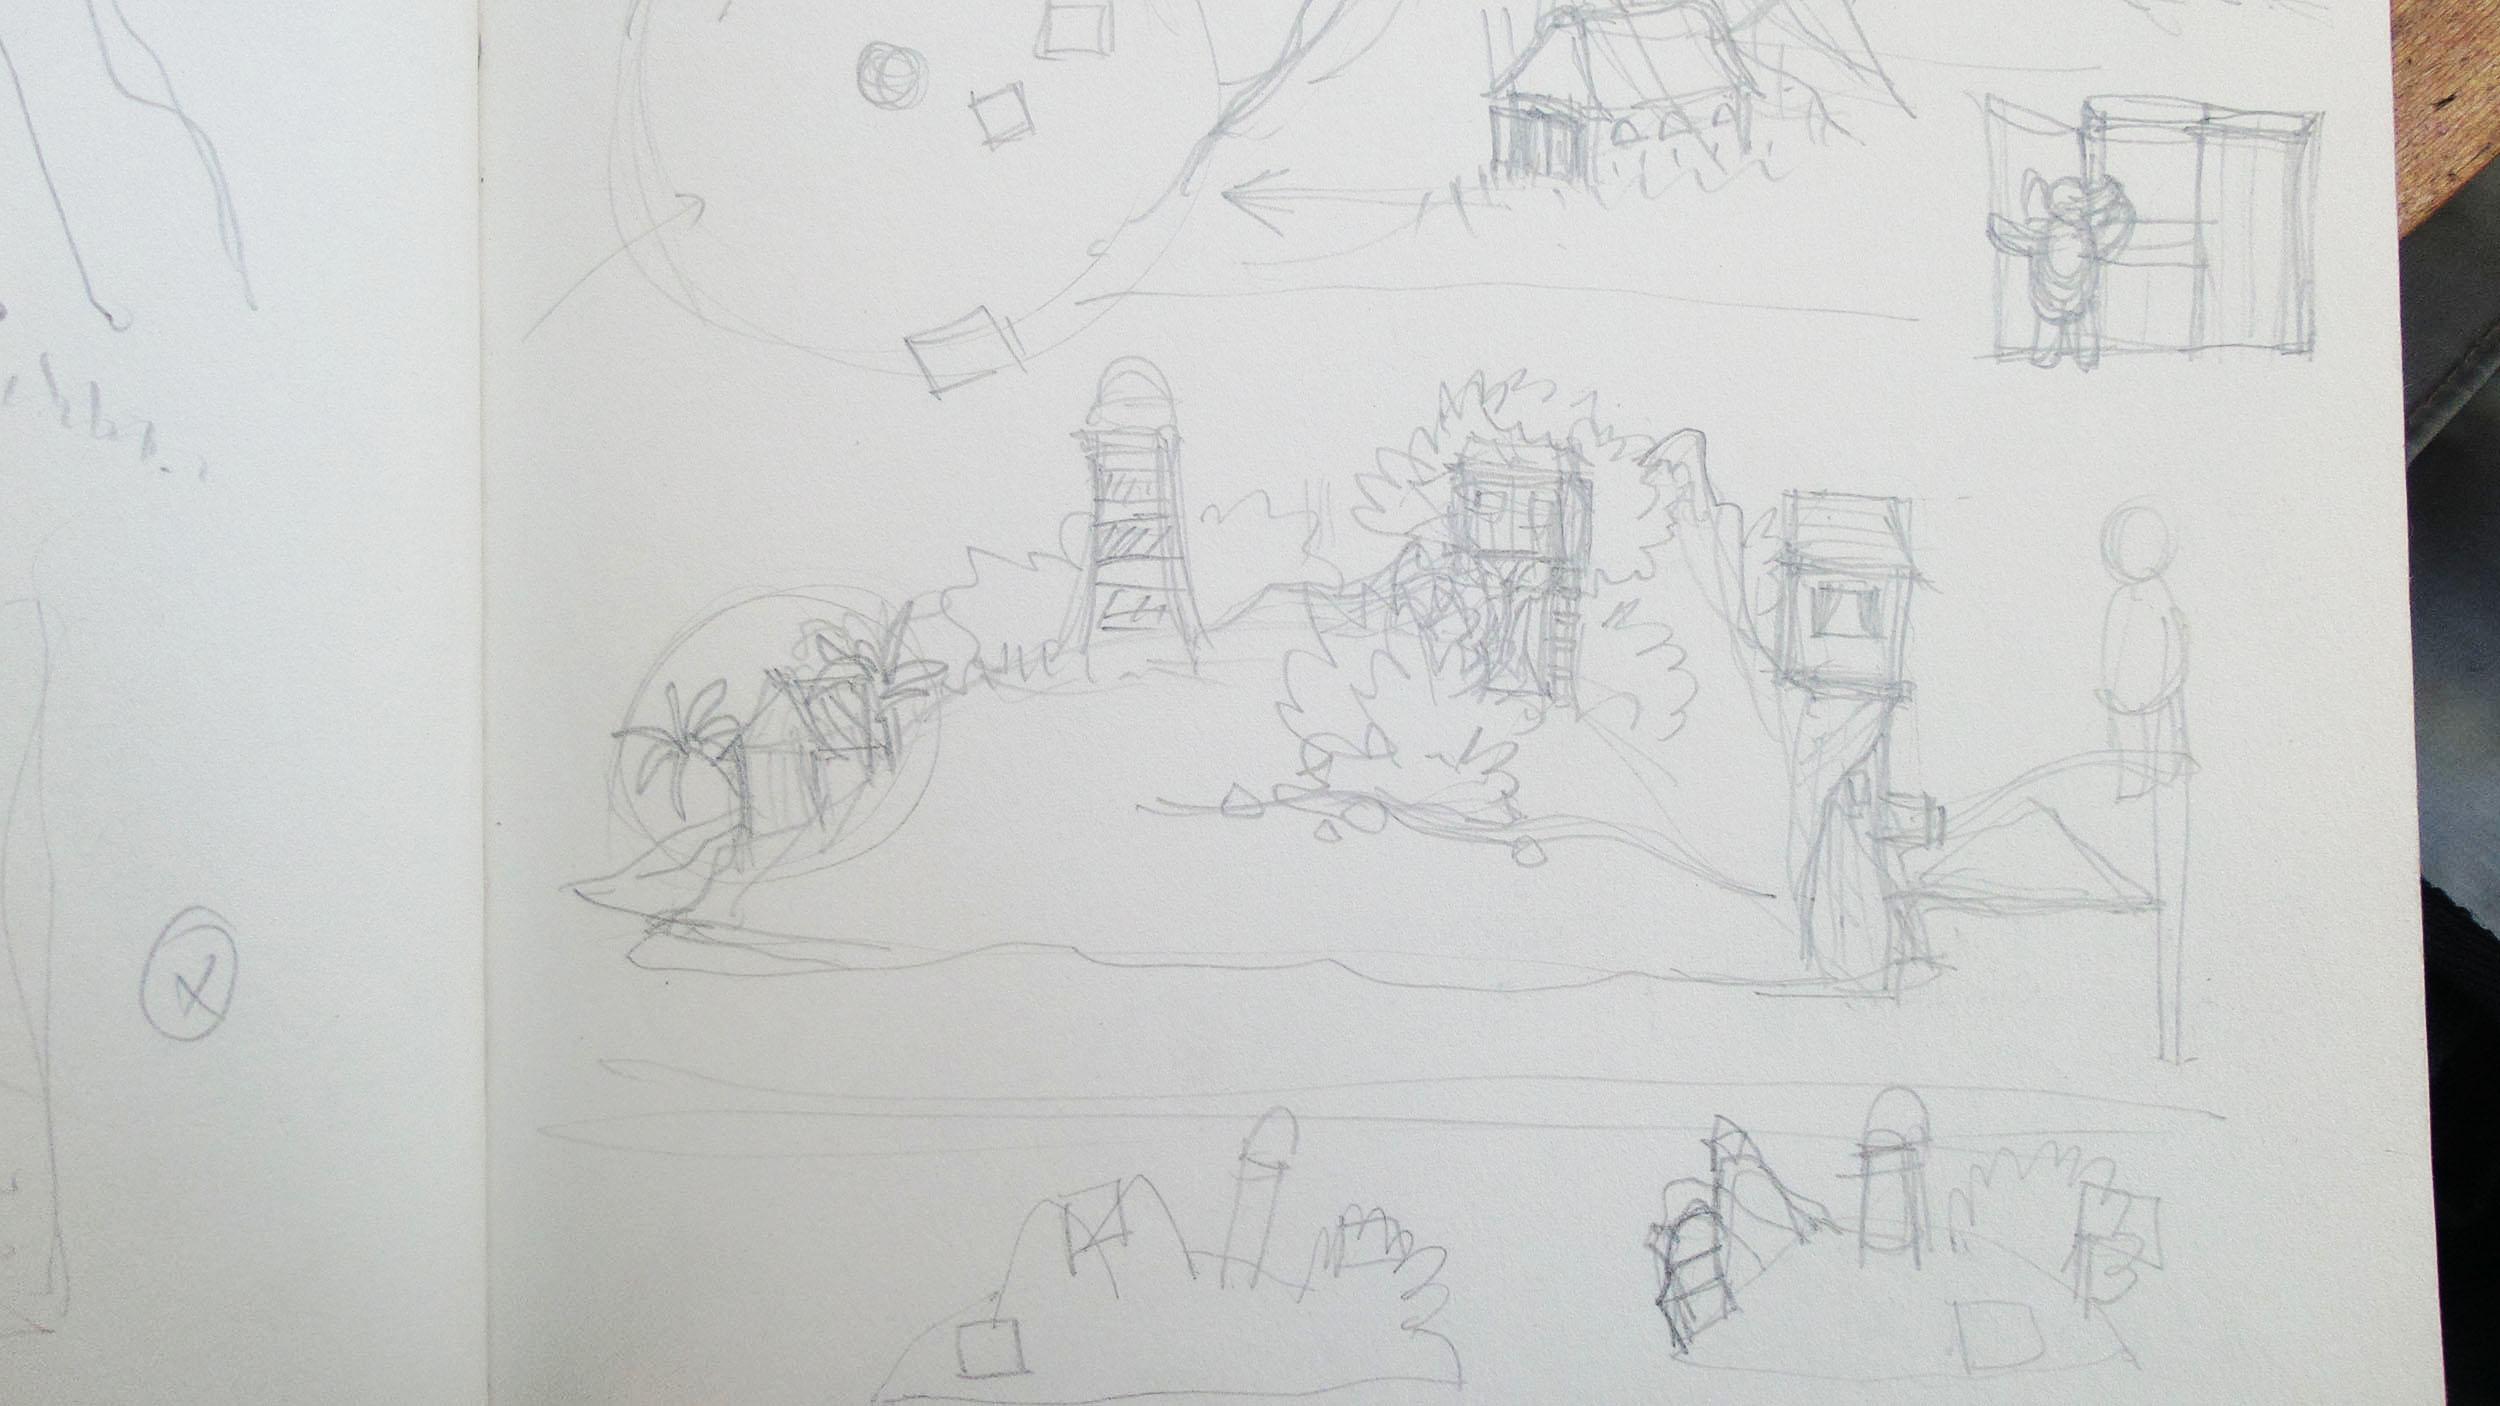 het eiland met het hutje, de vuurtoren en de boomhut